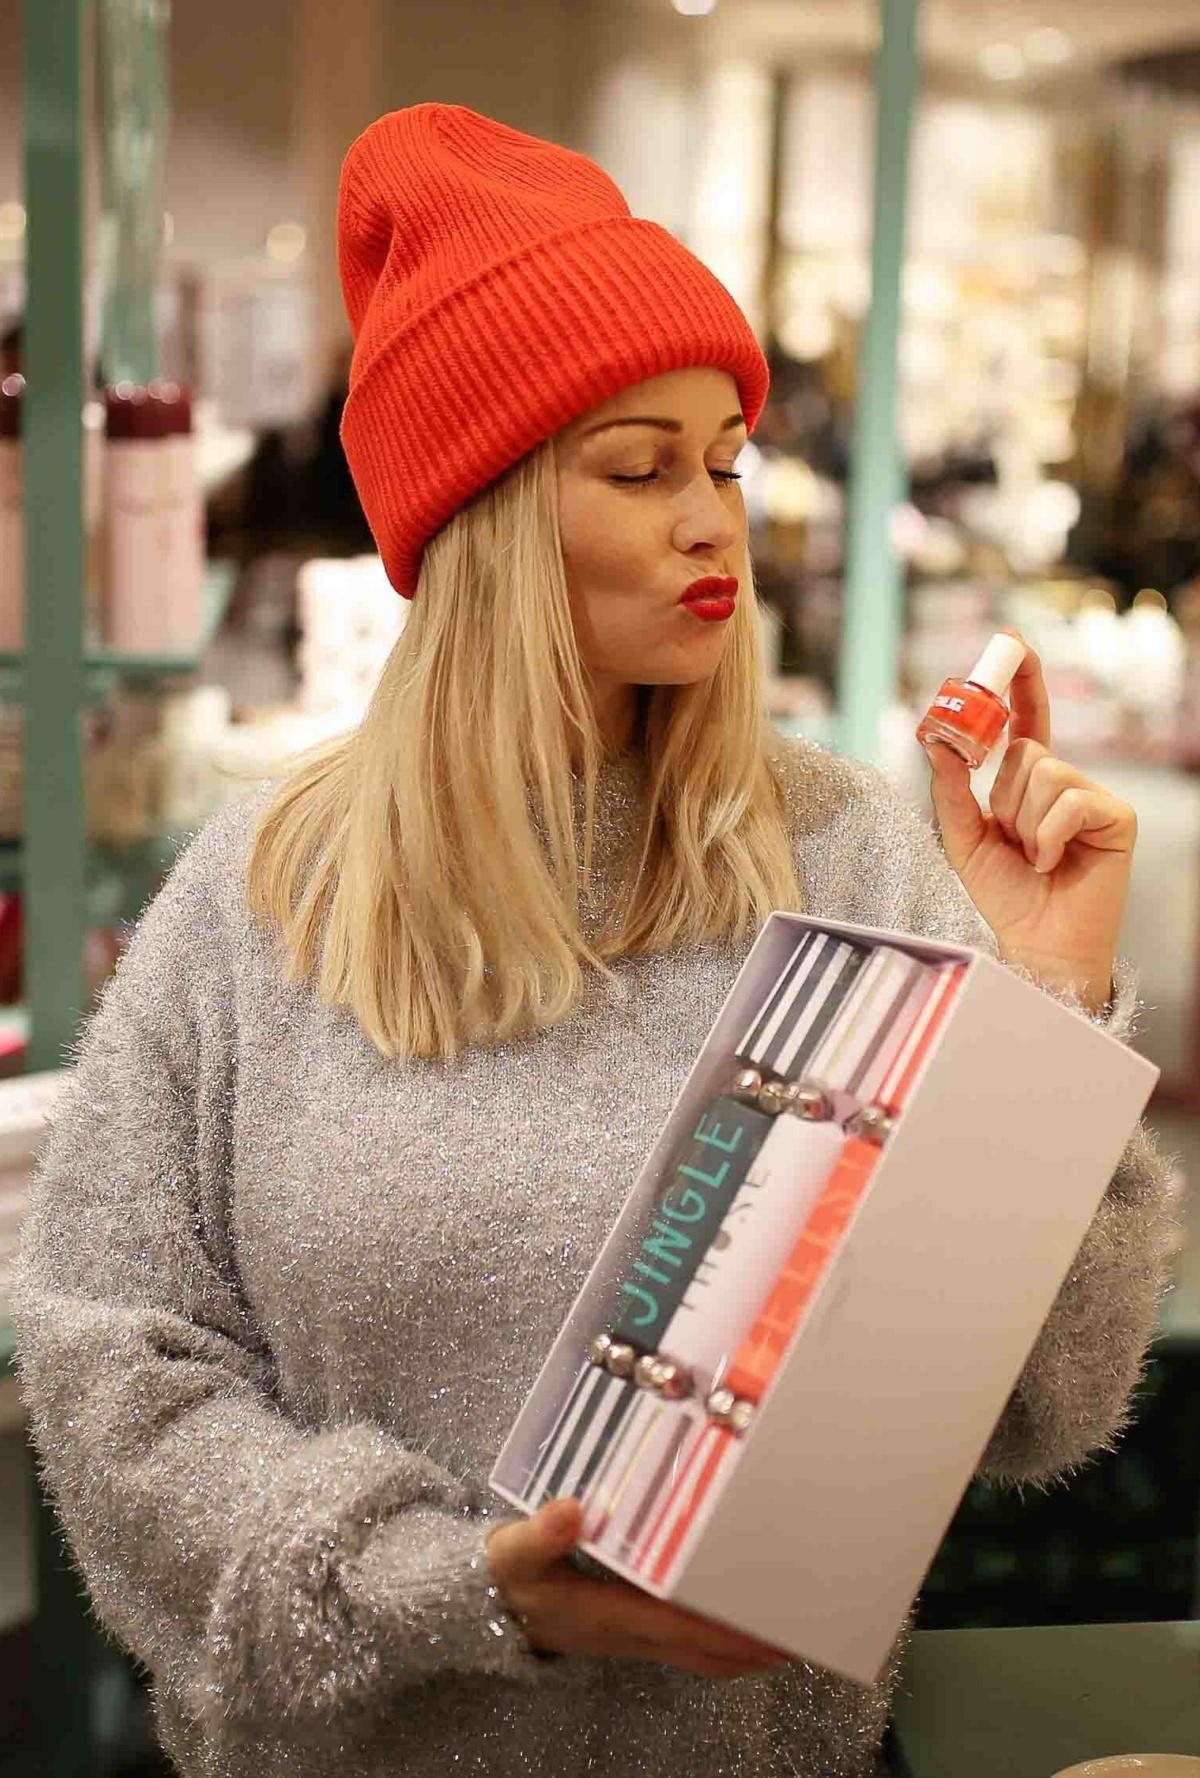 stylingliebe-lifestyleblogger-fashionblog-muenchen-styleblog-munich-blogger-deutschland-fashionblogger-lifestyleblog-modeblog-der-weihnachtsmarkt-im-konen-modehaus-geschenkideen-6